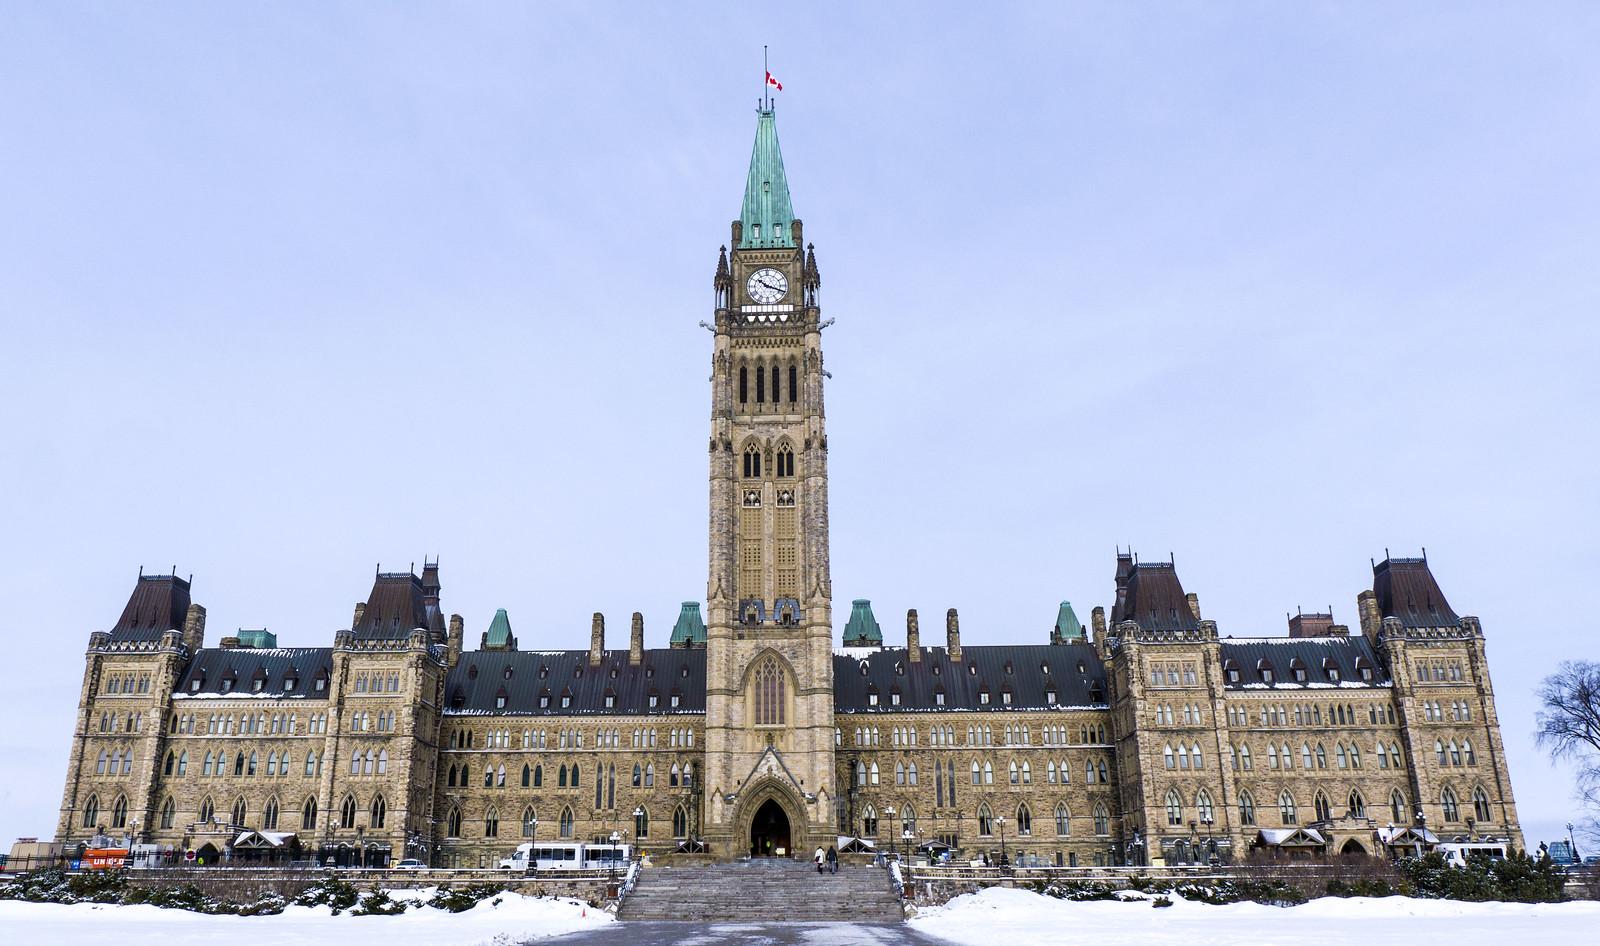 Ottawa Winter Wonderland